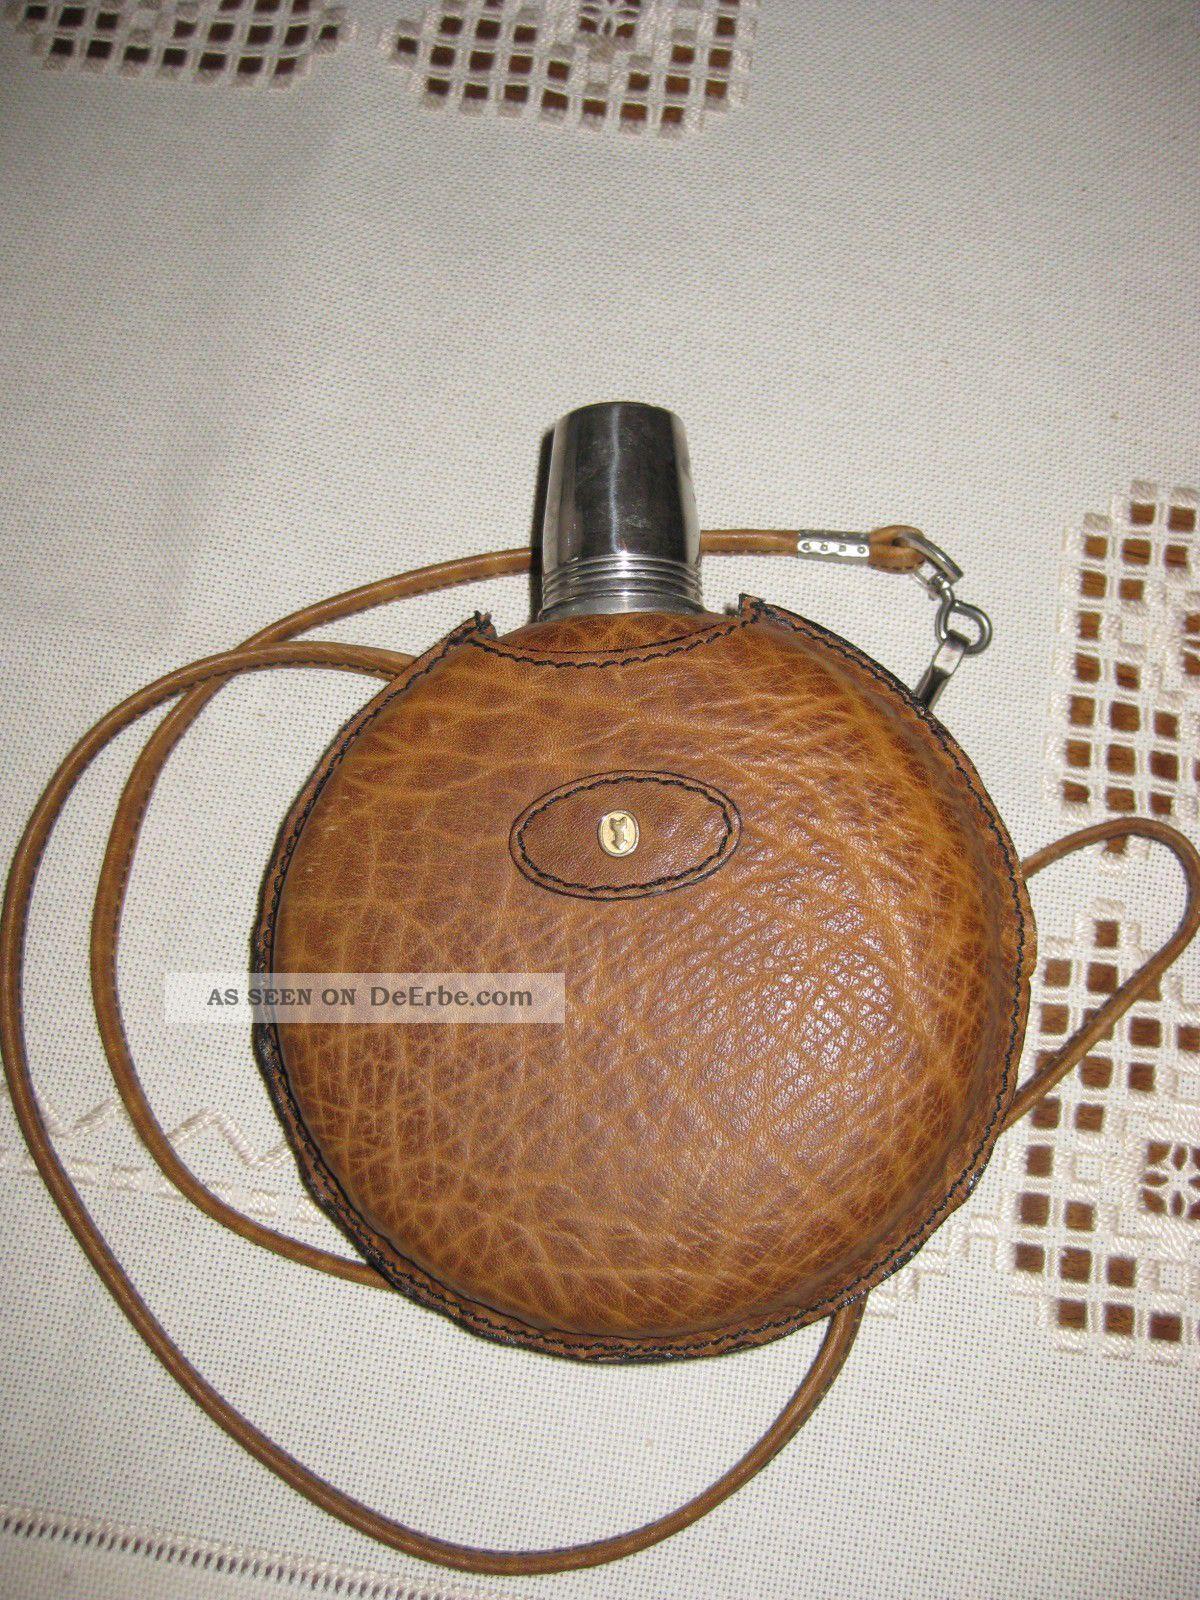 4d657582dc839 Flachmann Caracciola Goldpfeil Leder Taschenflasche Flasche Rarität Inkl  Becher Bild